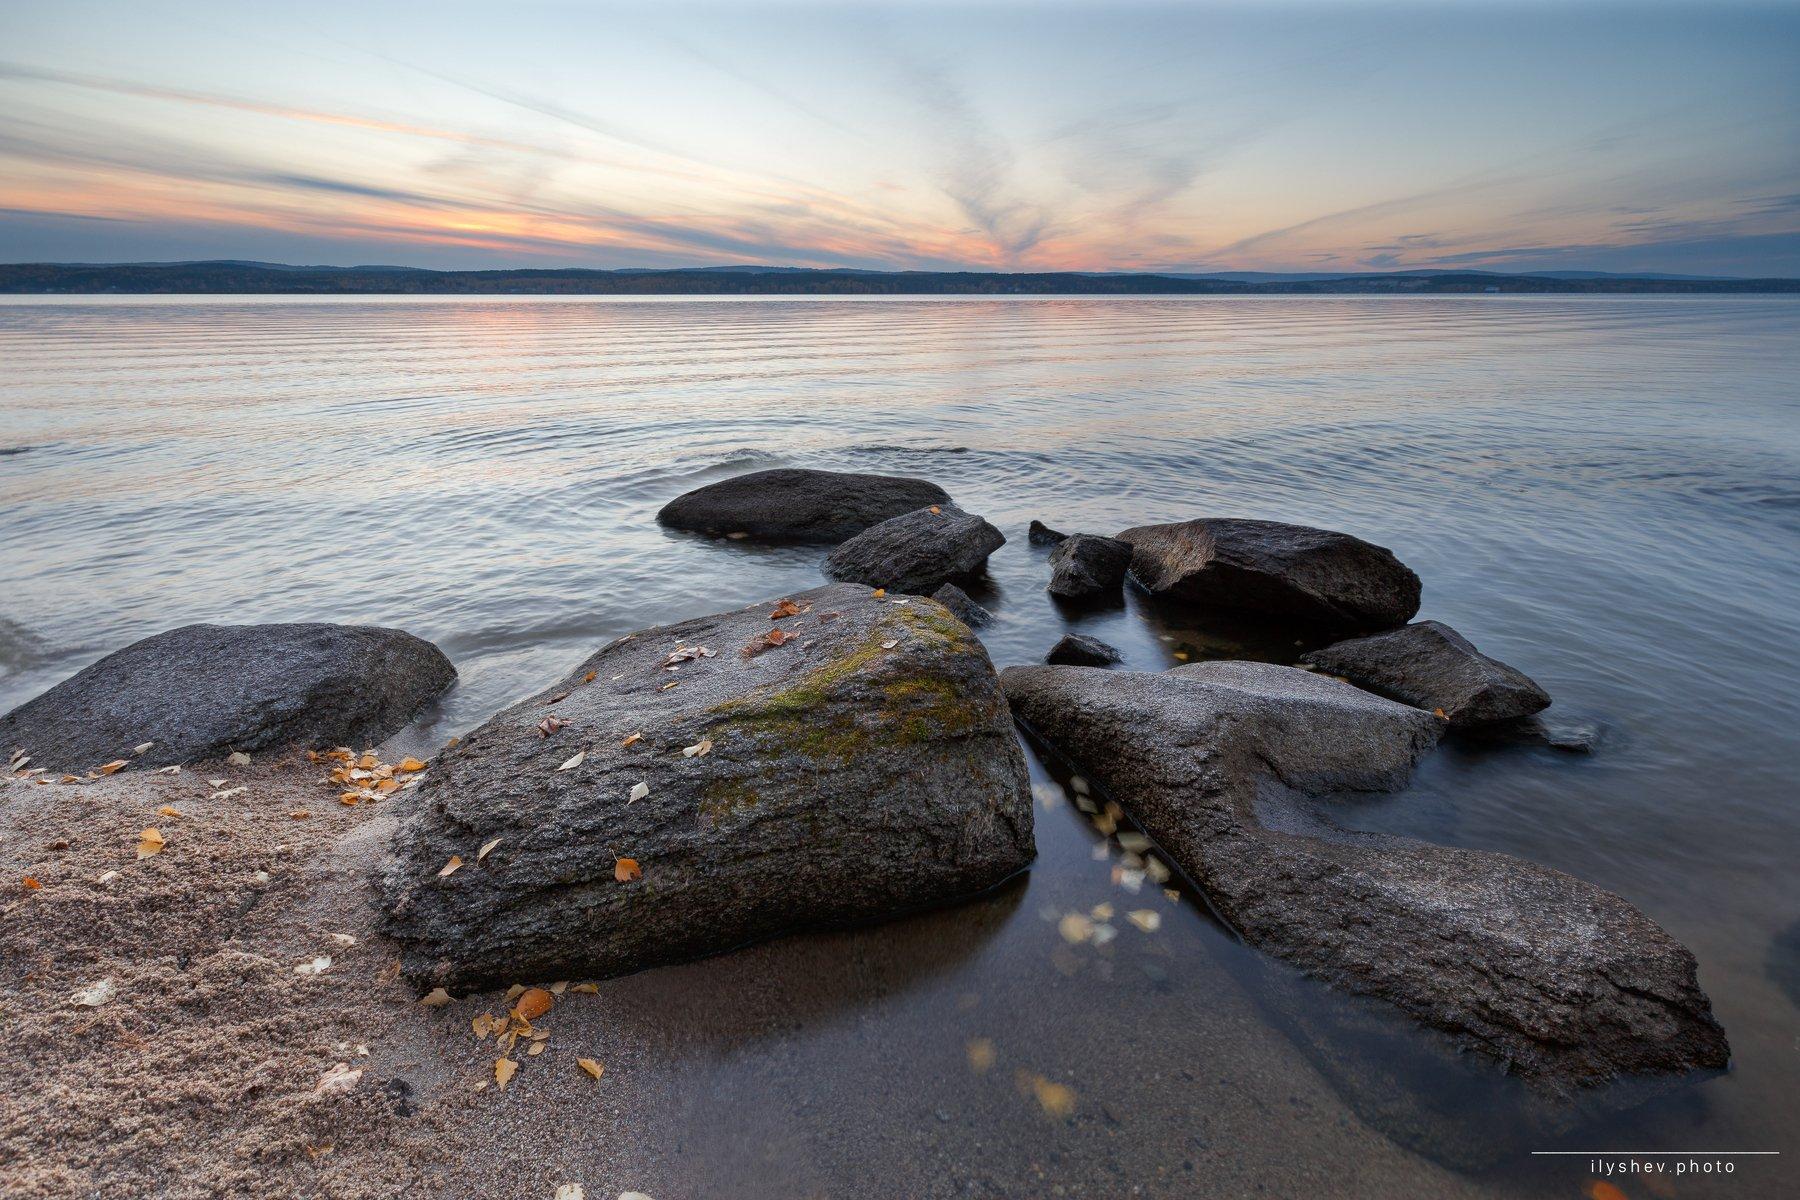 закат, камни, озеро, природа, пейзаж, урал, россия, осень, краски осени, горизонт, илышев, Дмитрий Илышев